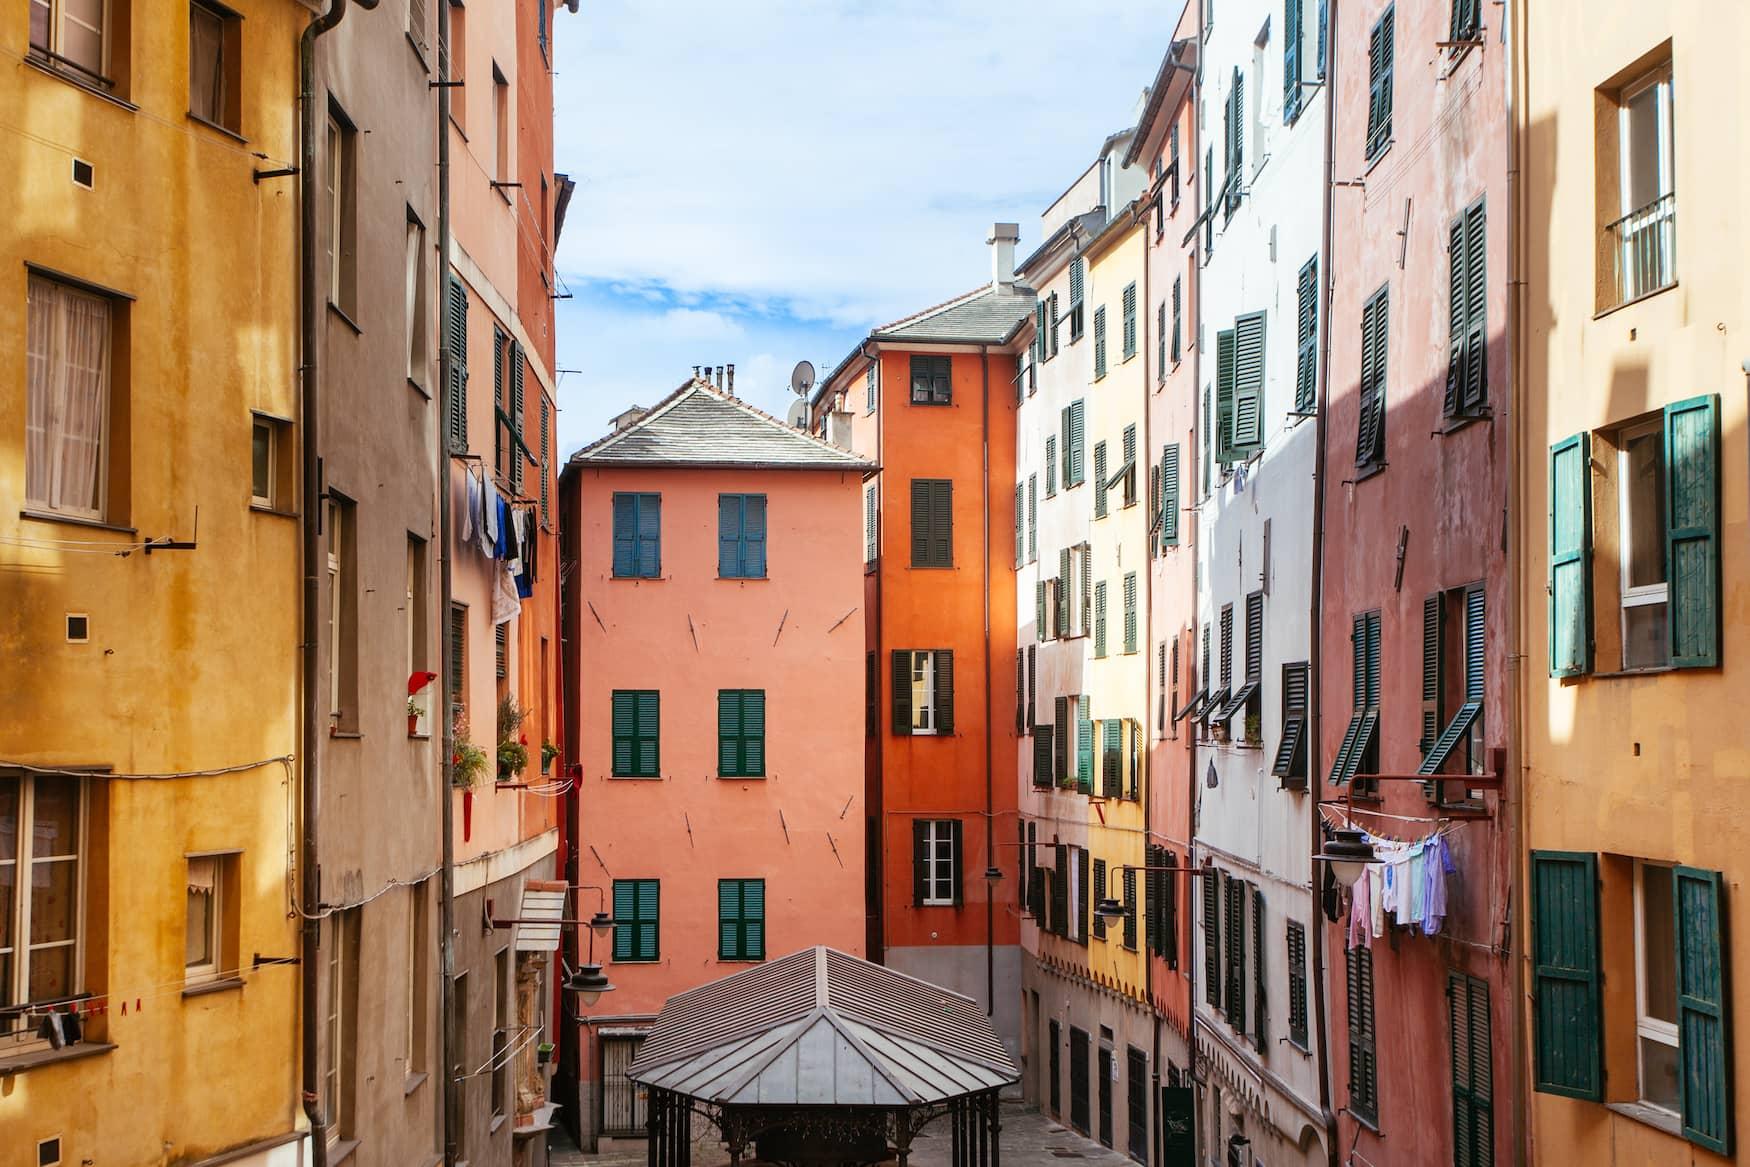 Bunte Häuser in der Altstadt von Genua